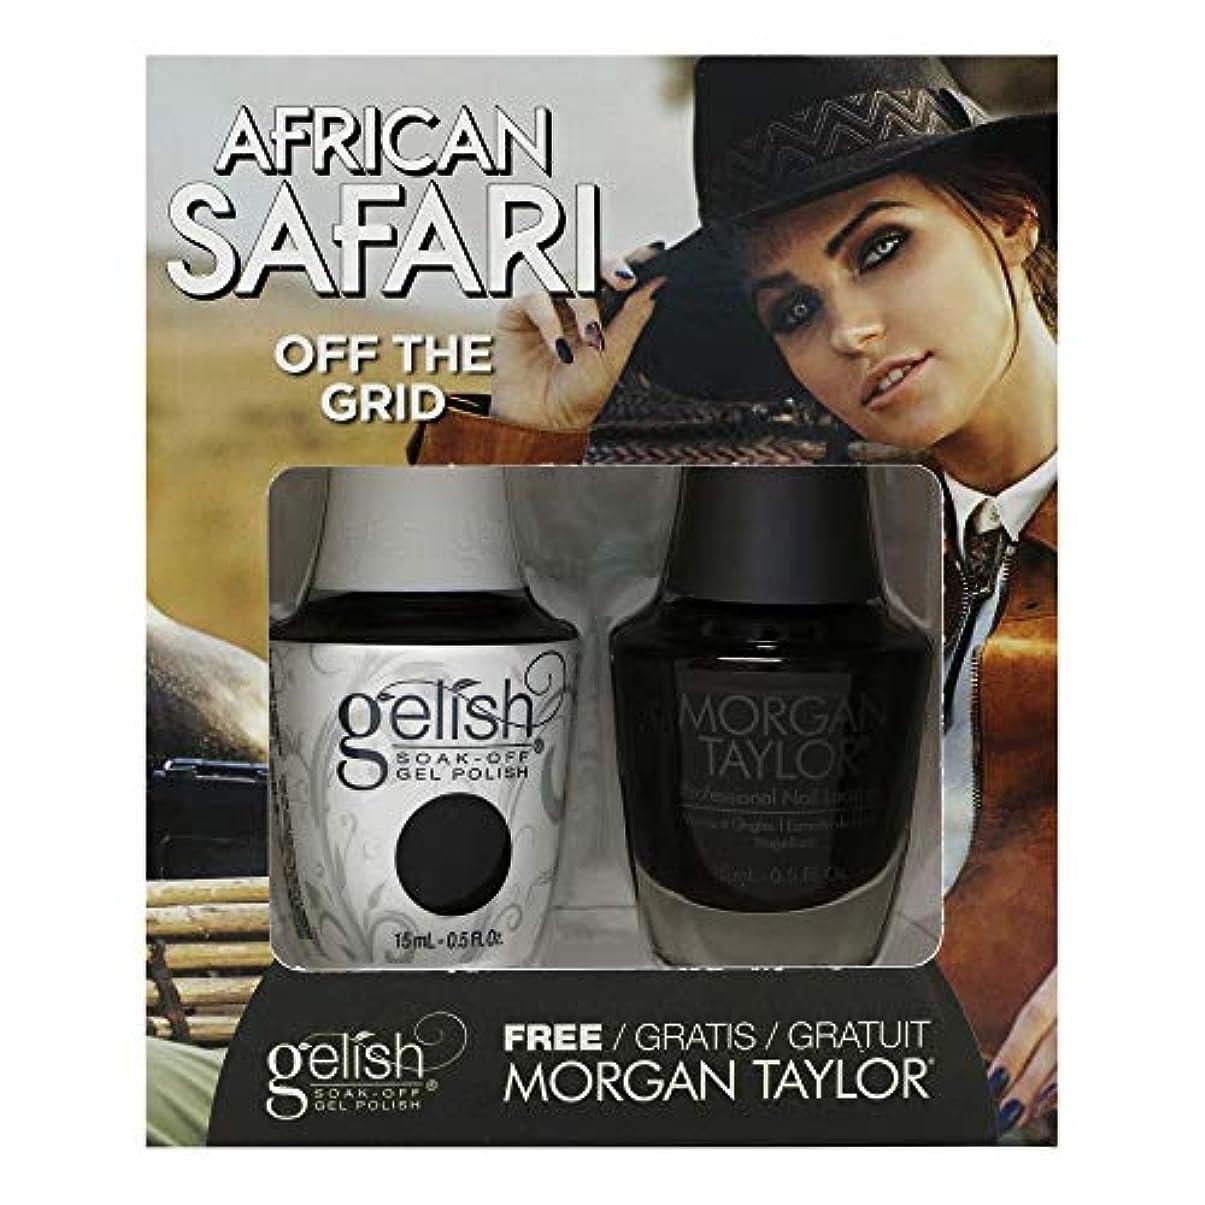 賢明なコミットマートGelish - Two of a Kind - African Safari Collection - Off The Grid